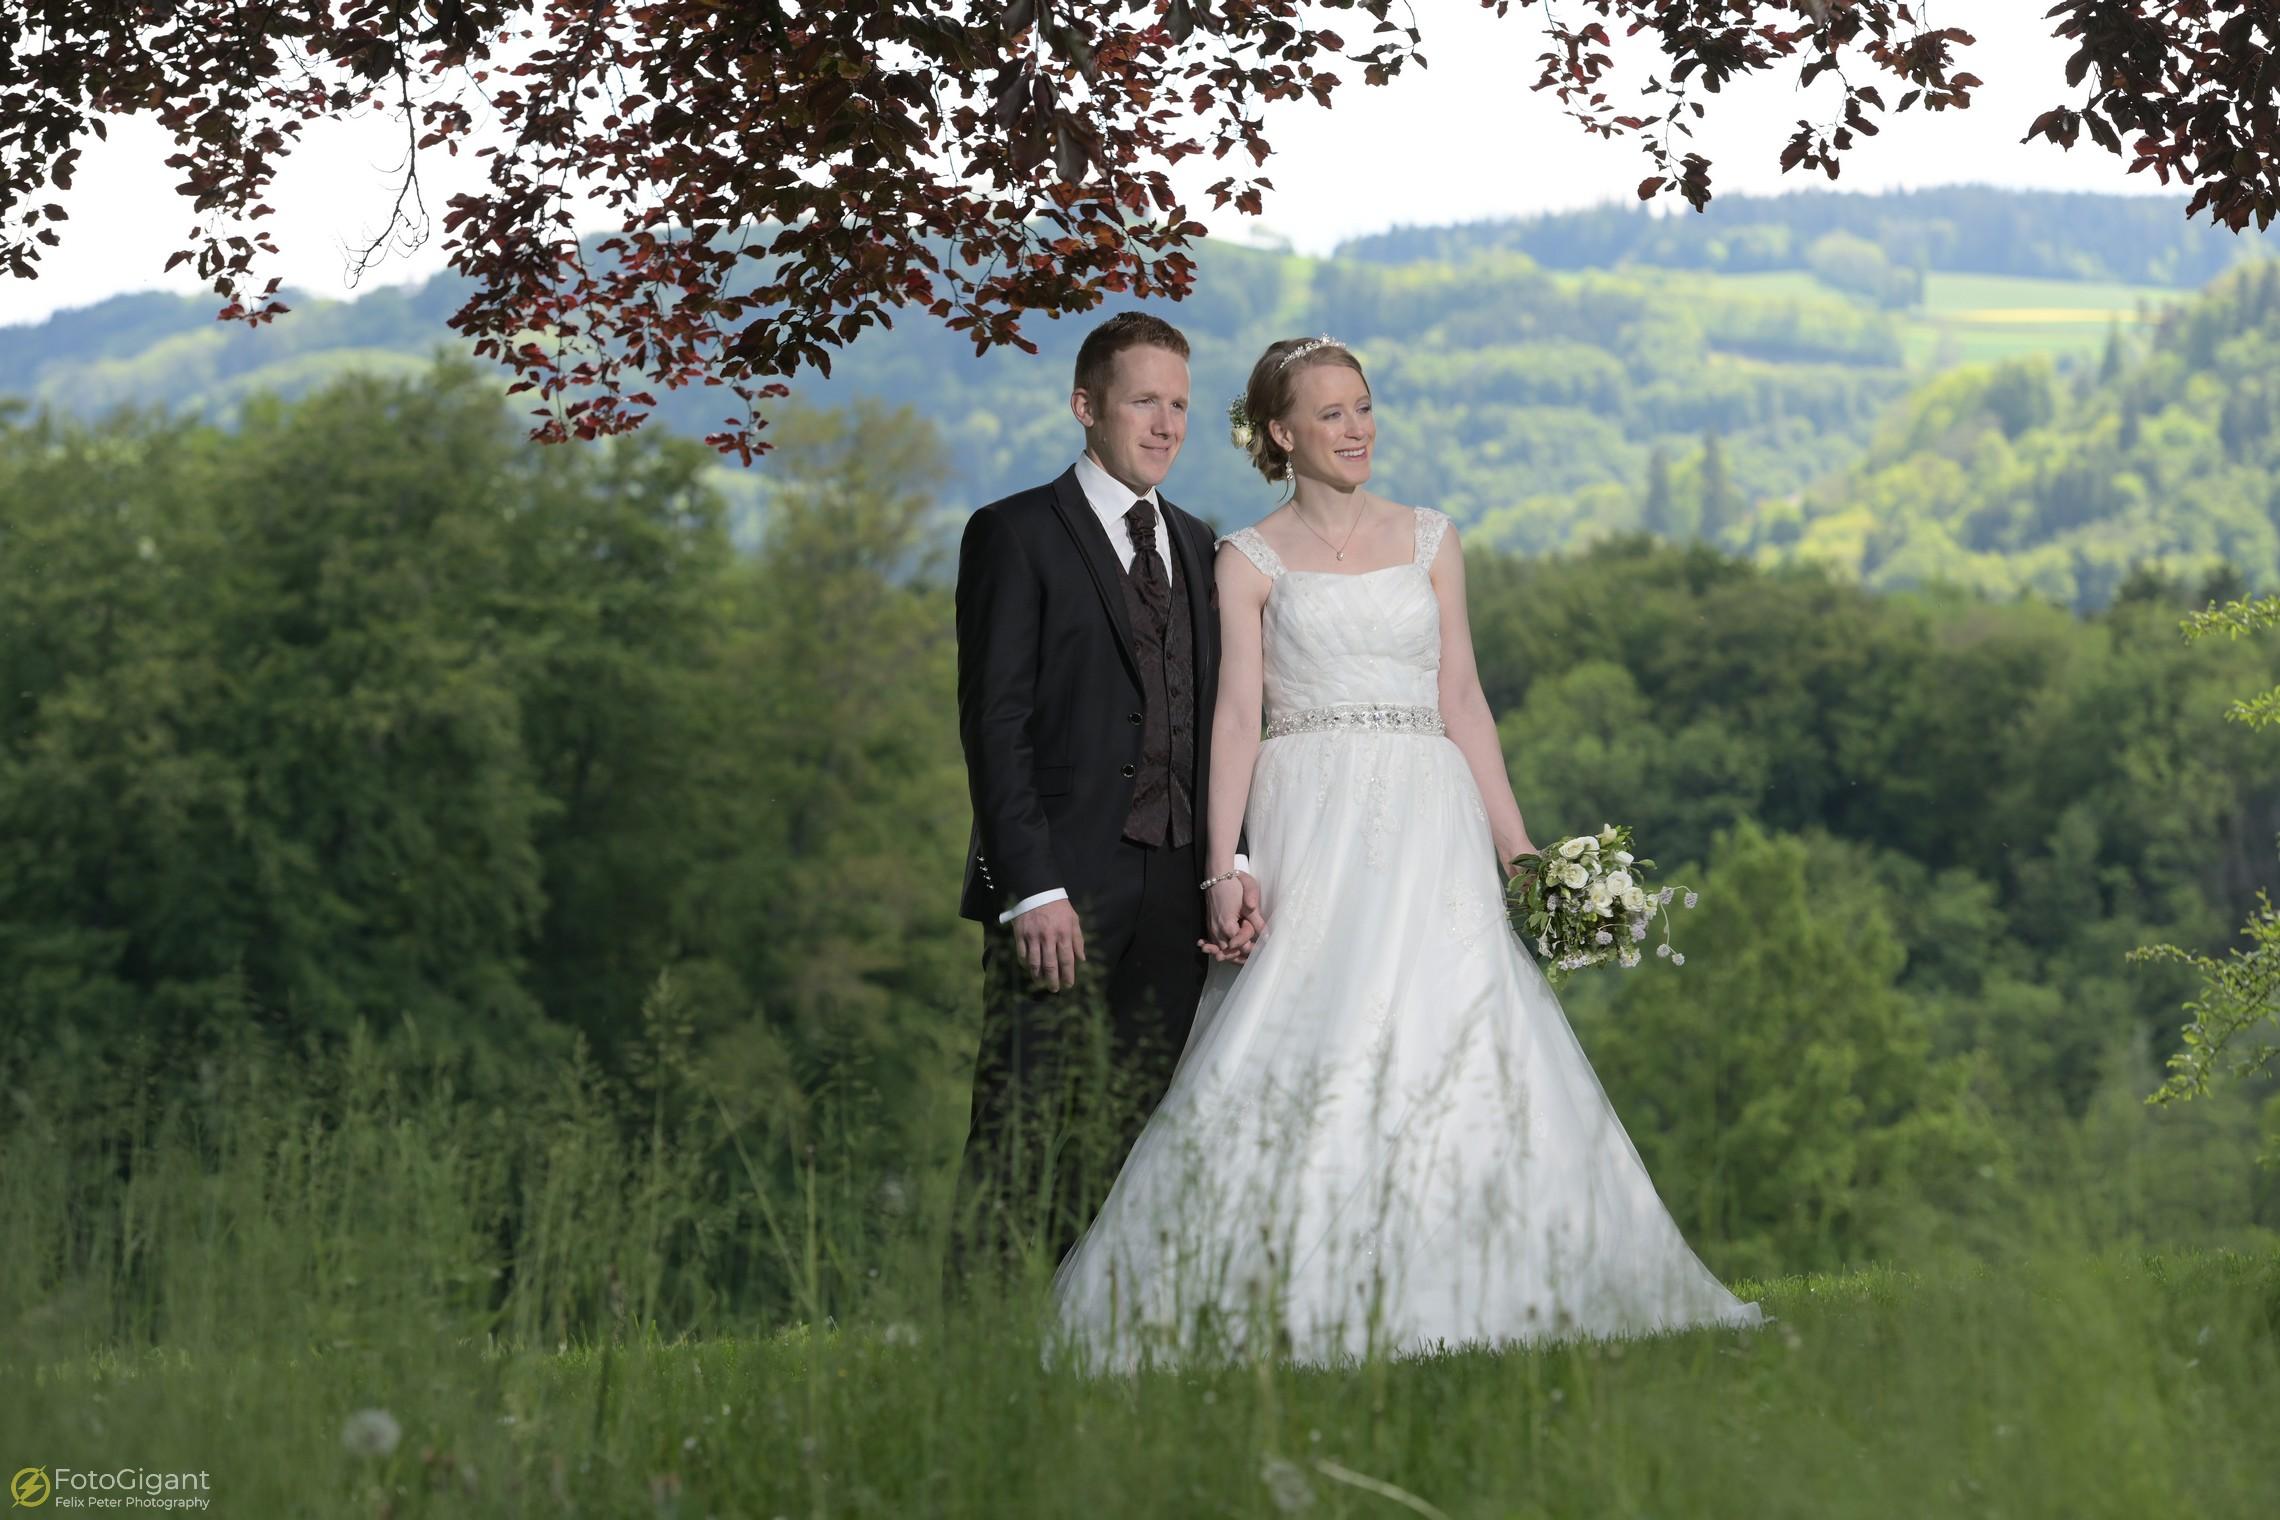 Hochzeitsfotografieworkshop_46.jpg